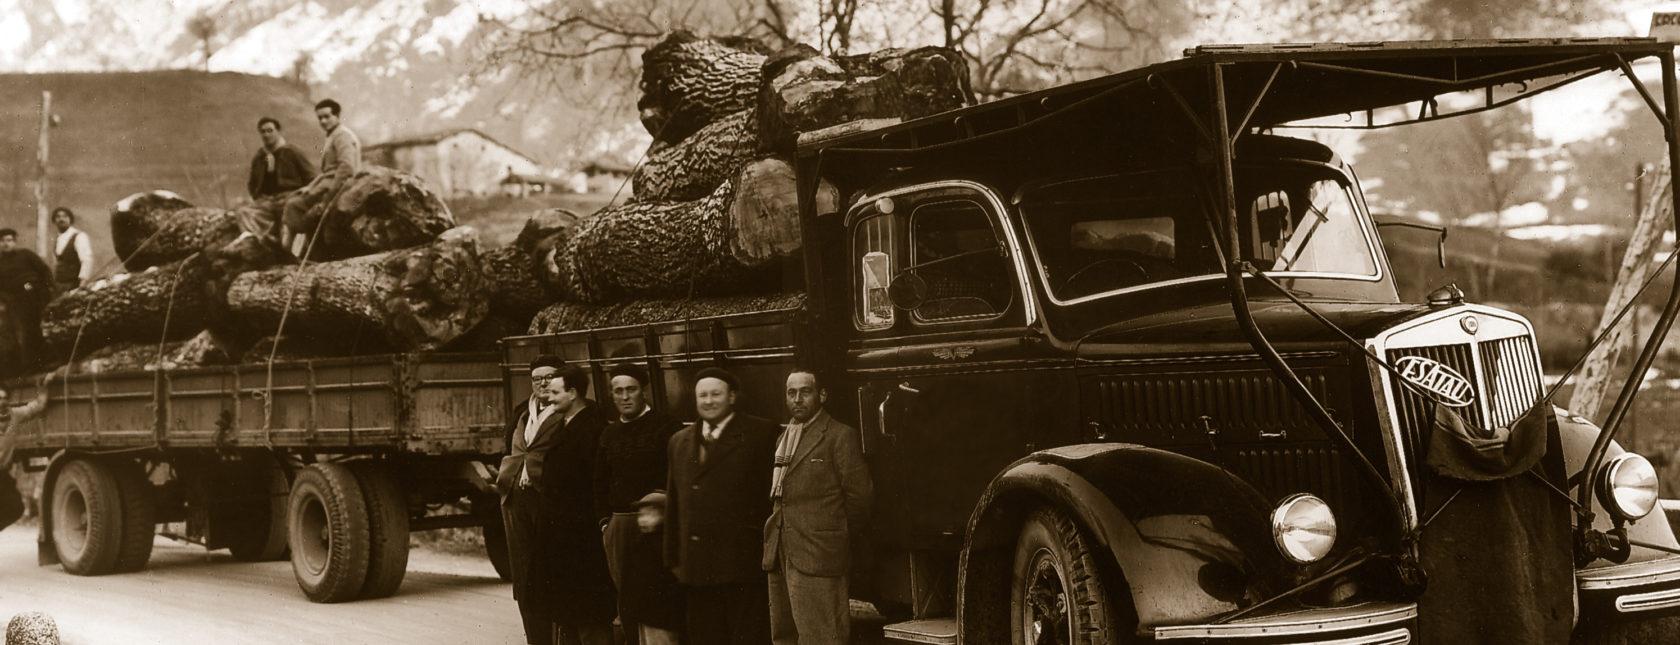 Historic photo of Bordiga